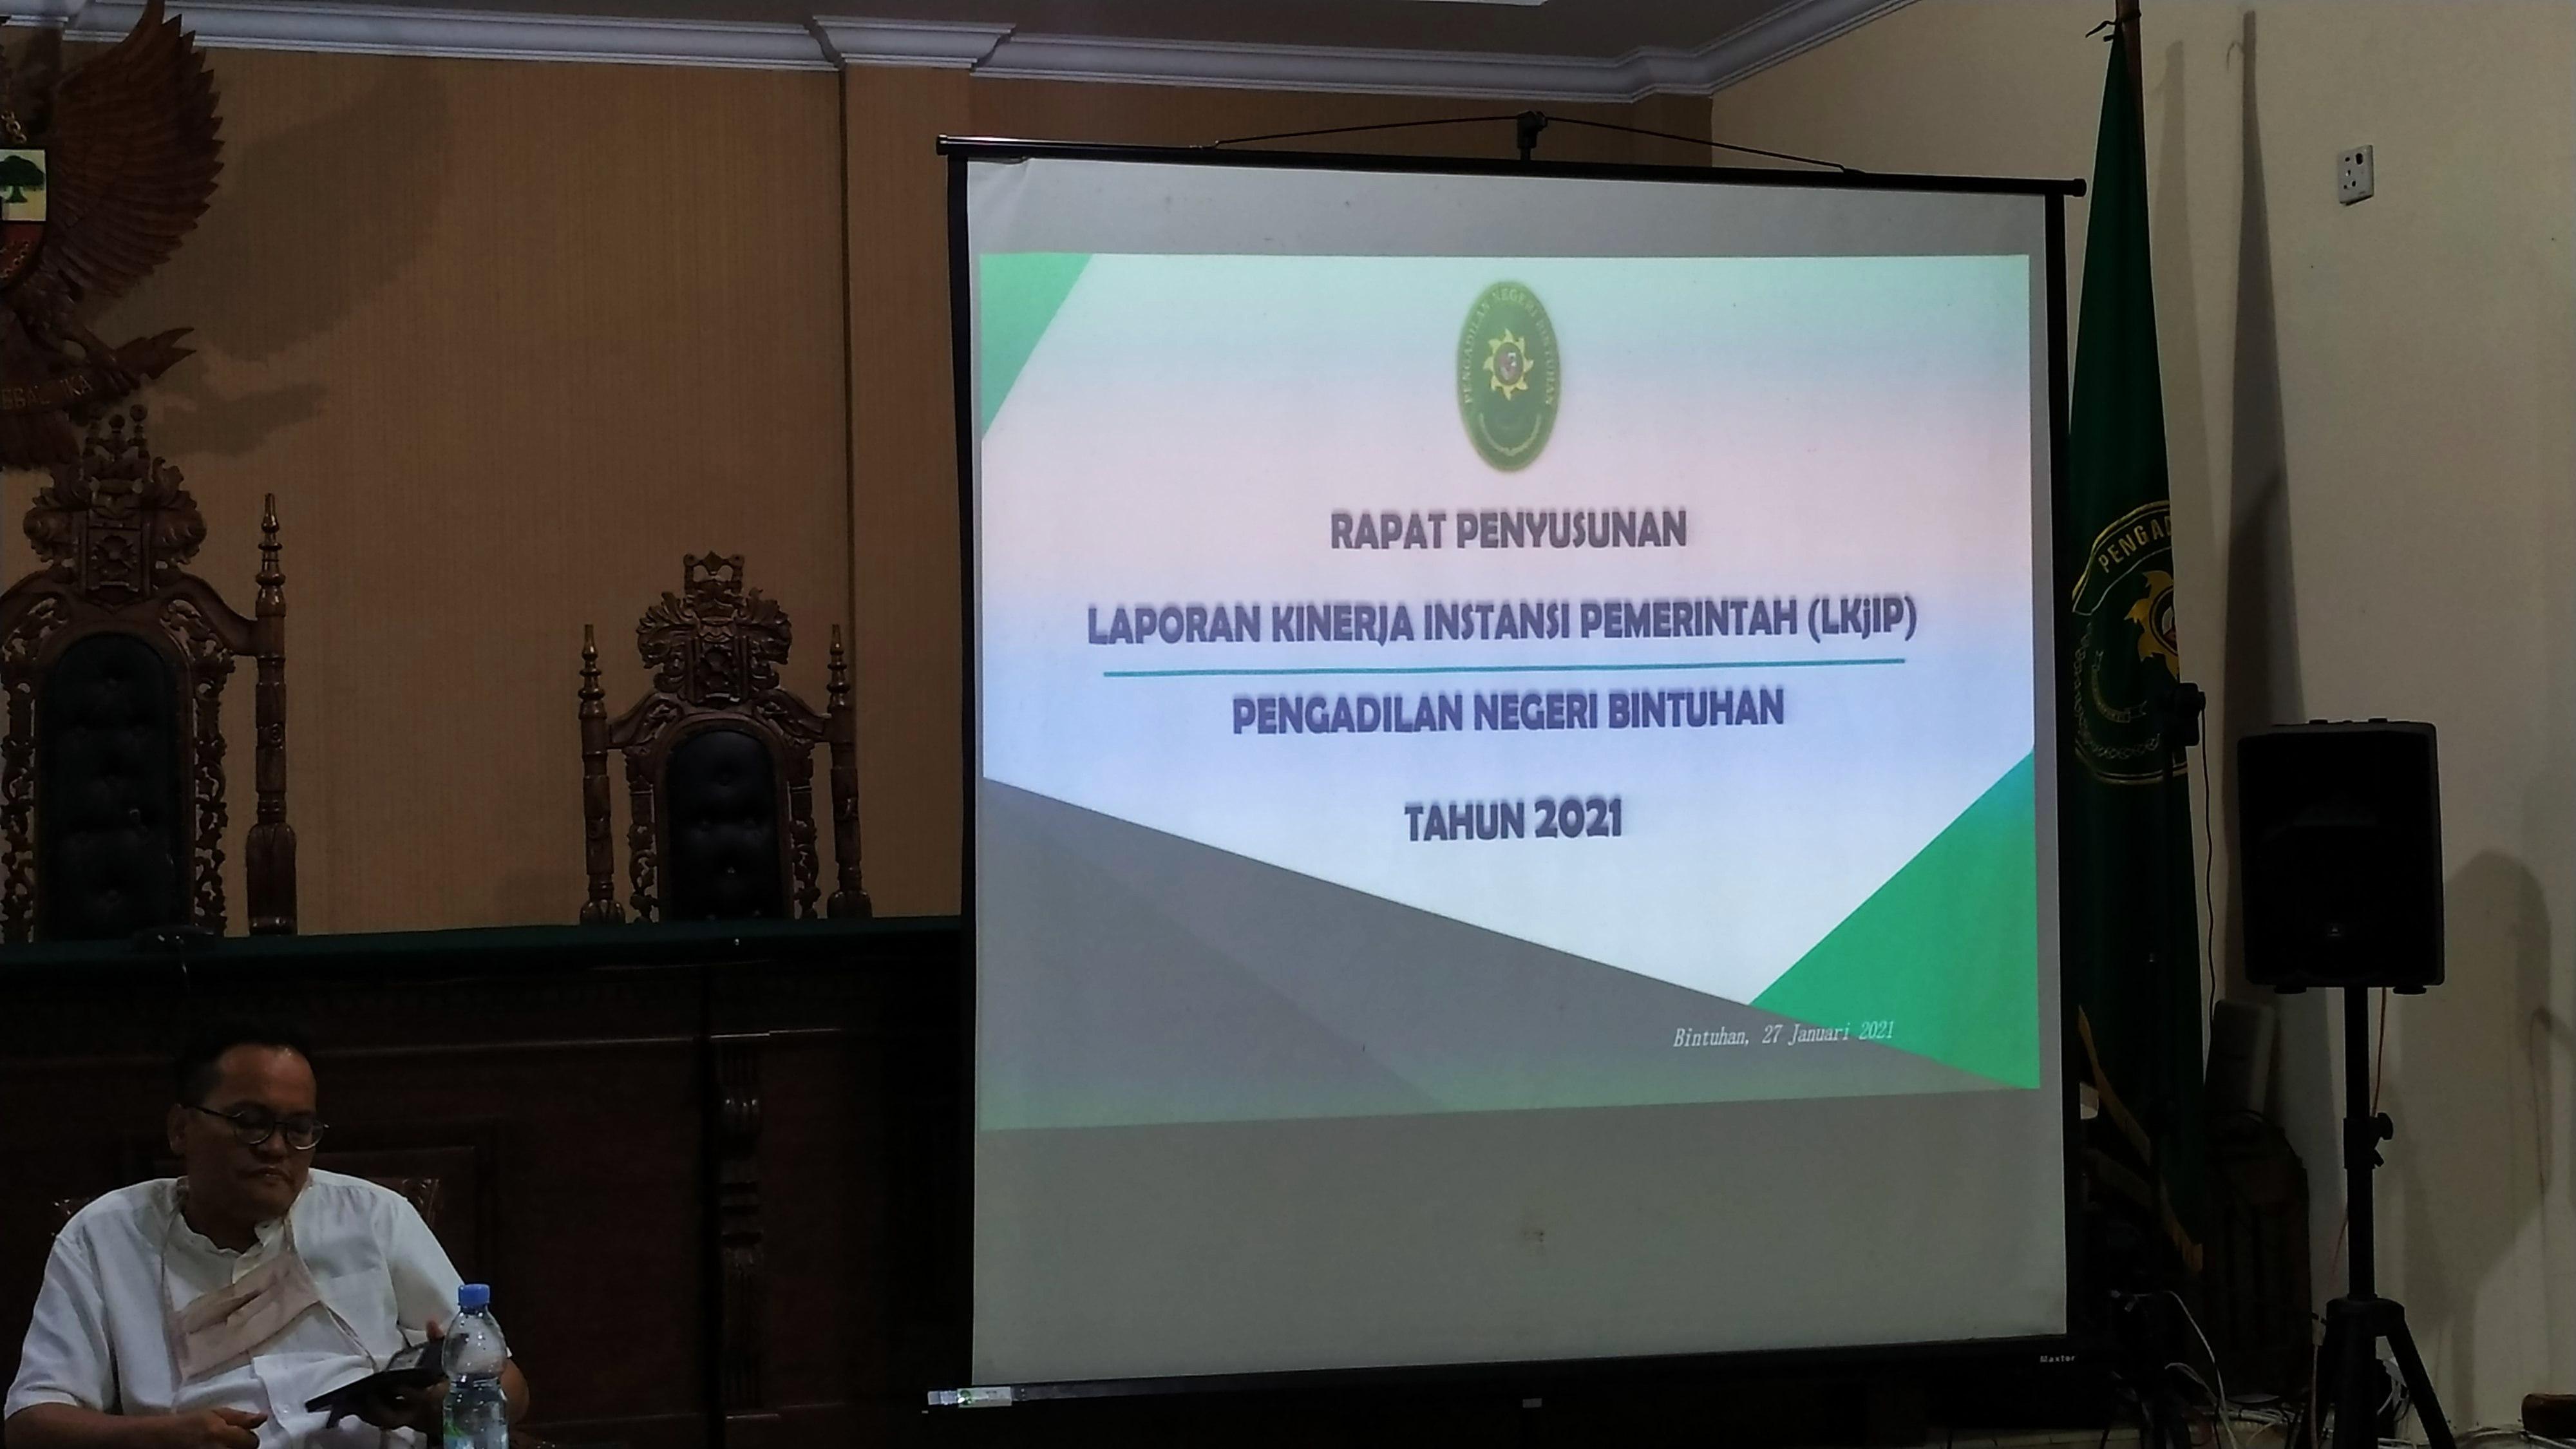 Rapat Penyusunan Laporan Kinerja Instansi Pemerintah (LKjIP) Tahun 2021